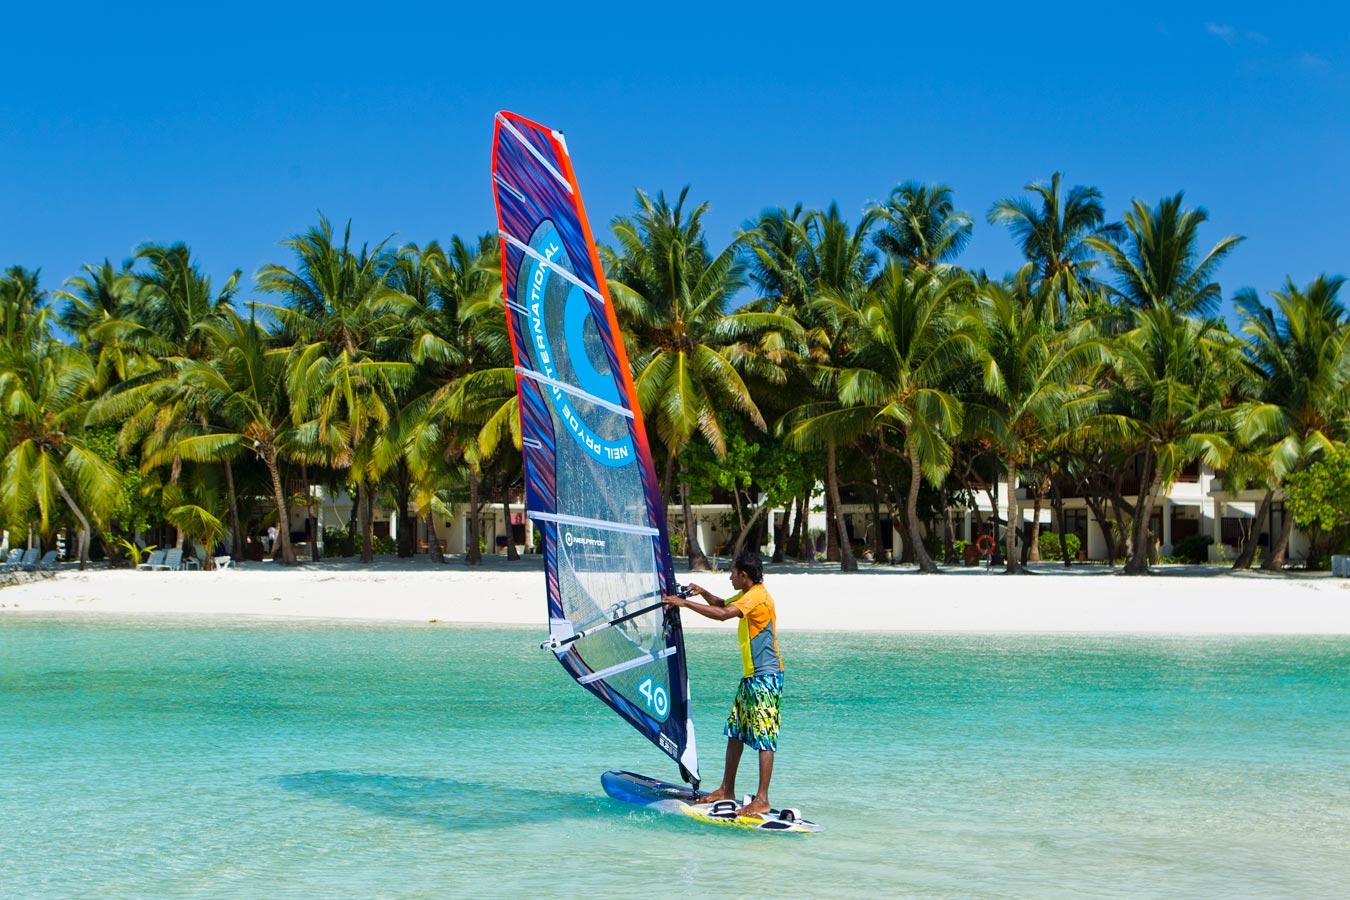 صورة  ركوب الأمواج في  جزر المالديف | الرياضات المائية في كورومبا المالديف